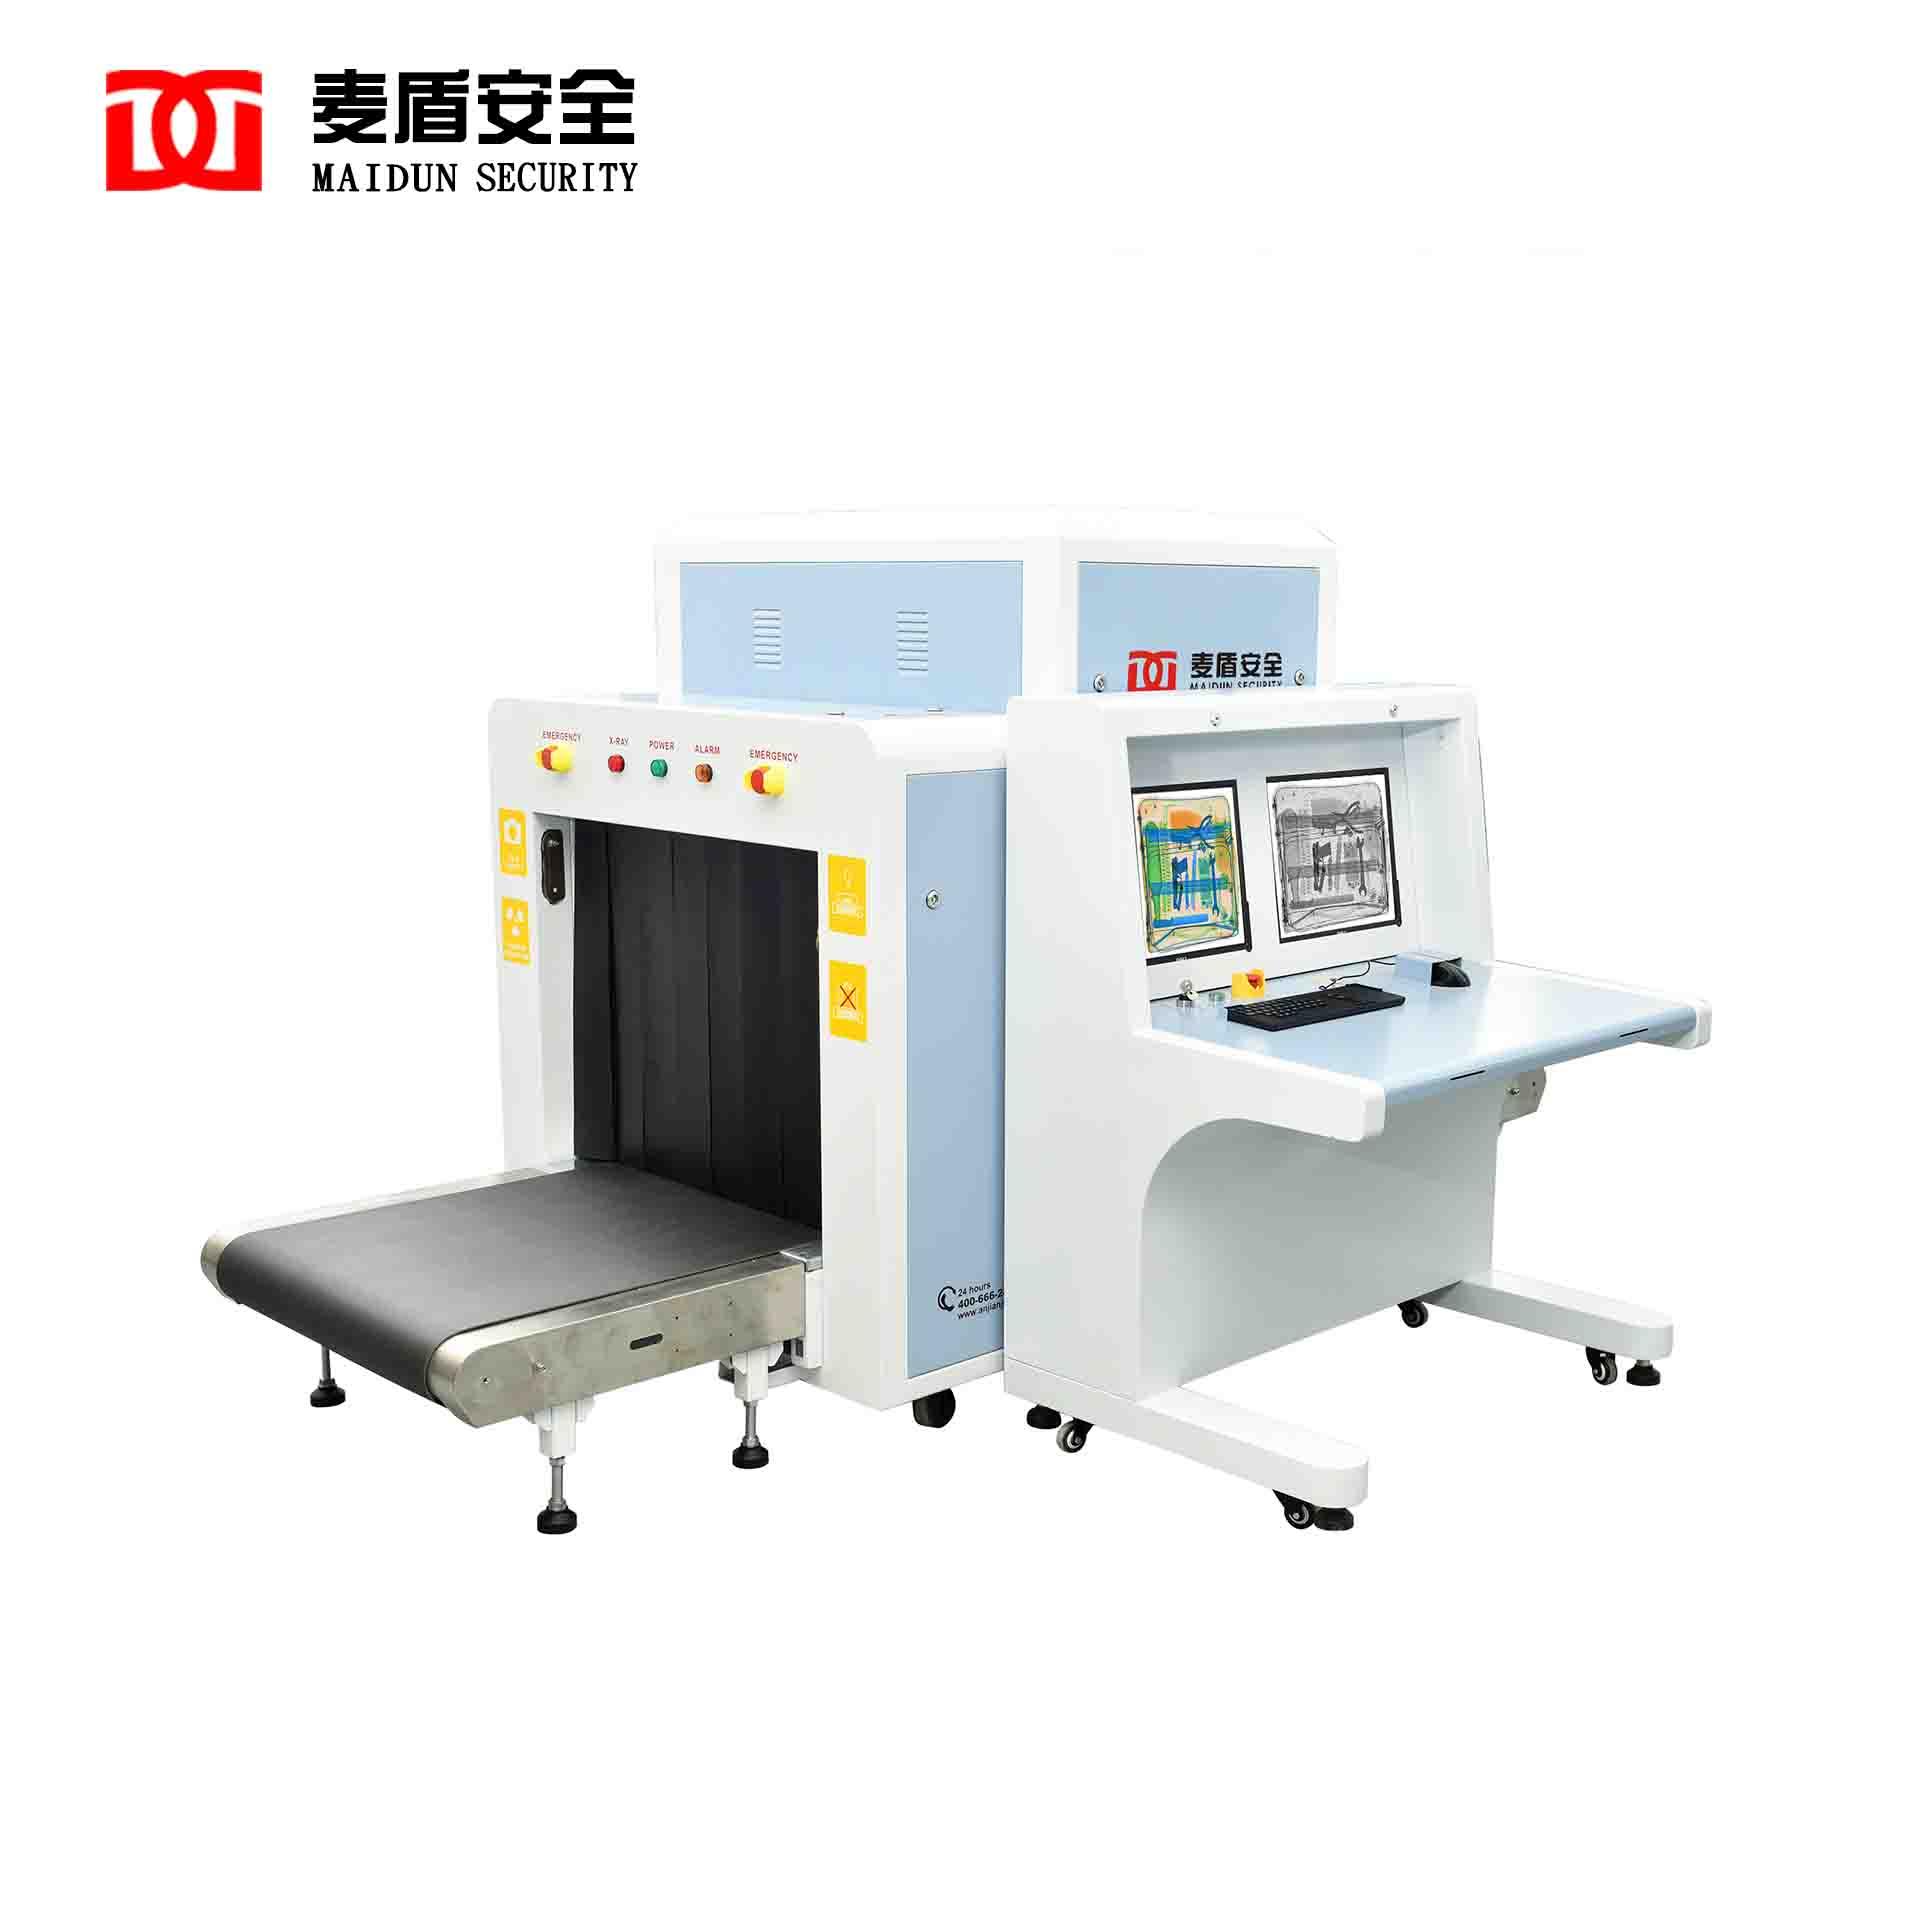 广州专业的安检机推荐|中国厂家供应快递物流安检机